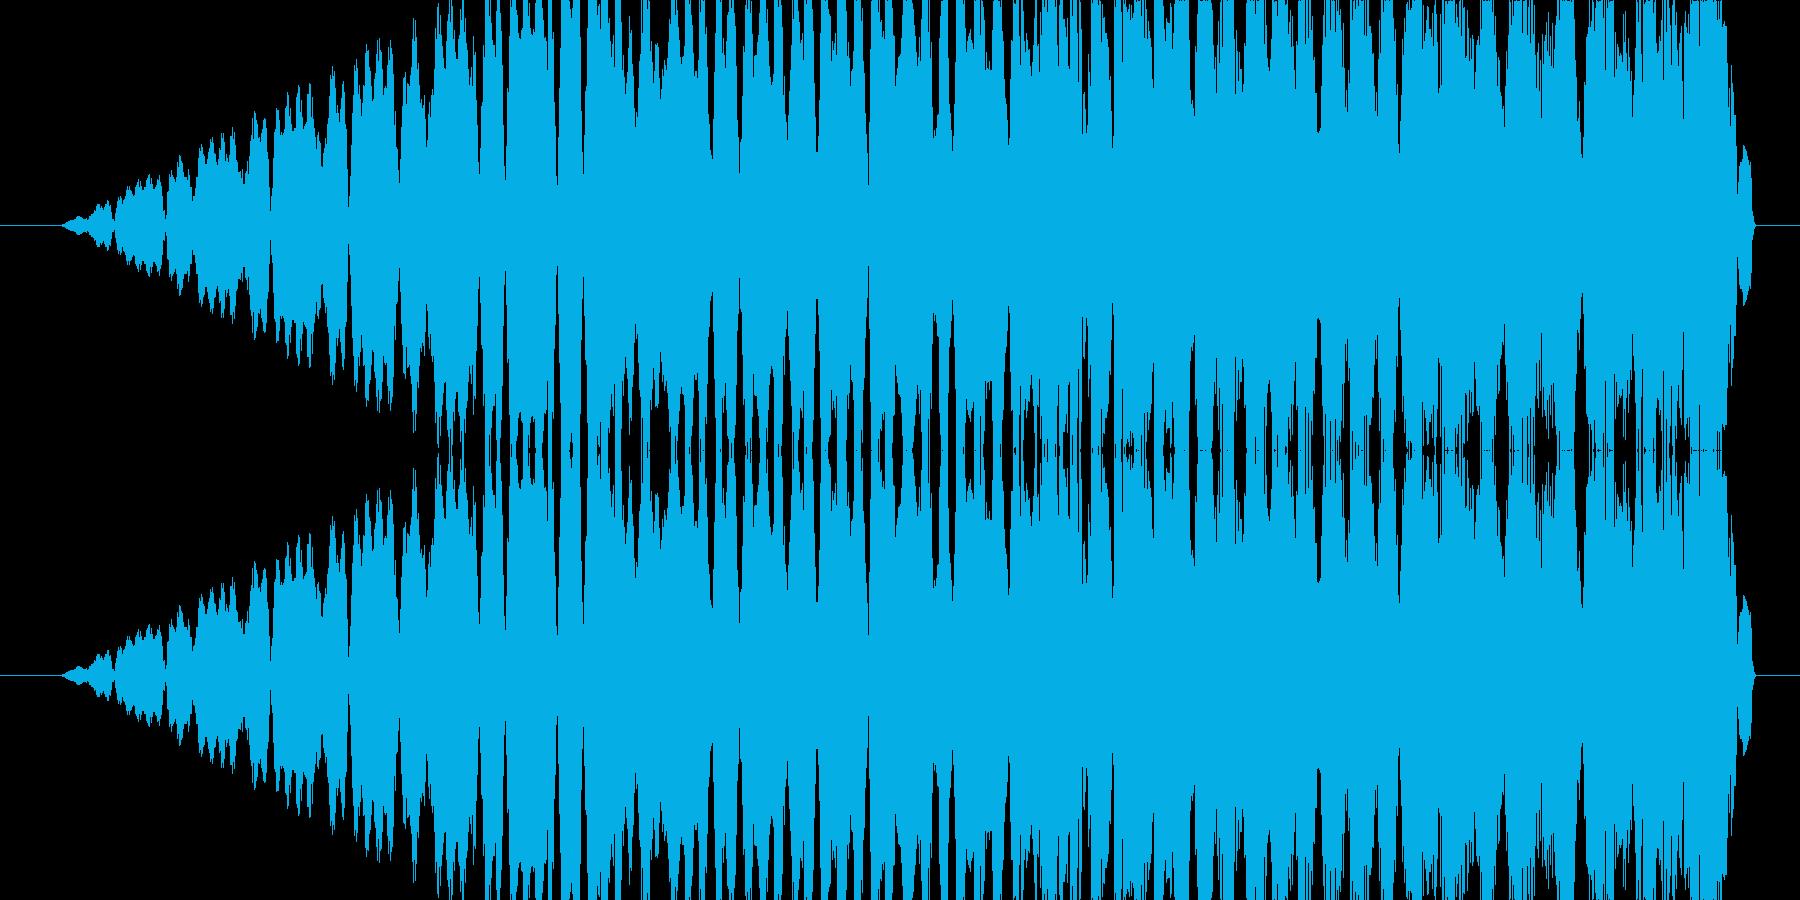 ピューンの再生済みの波形